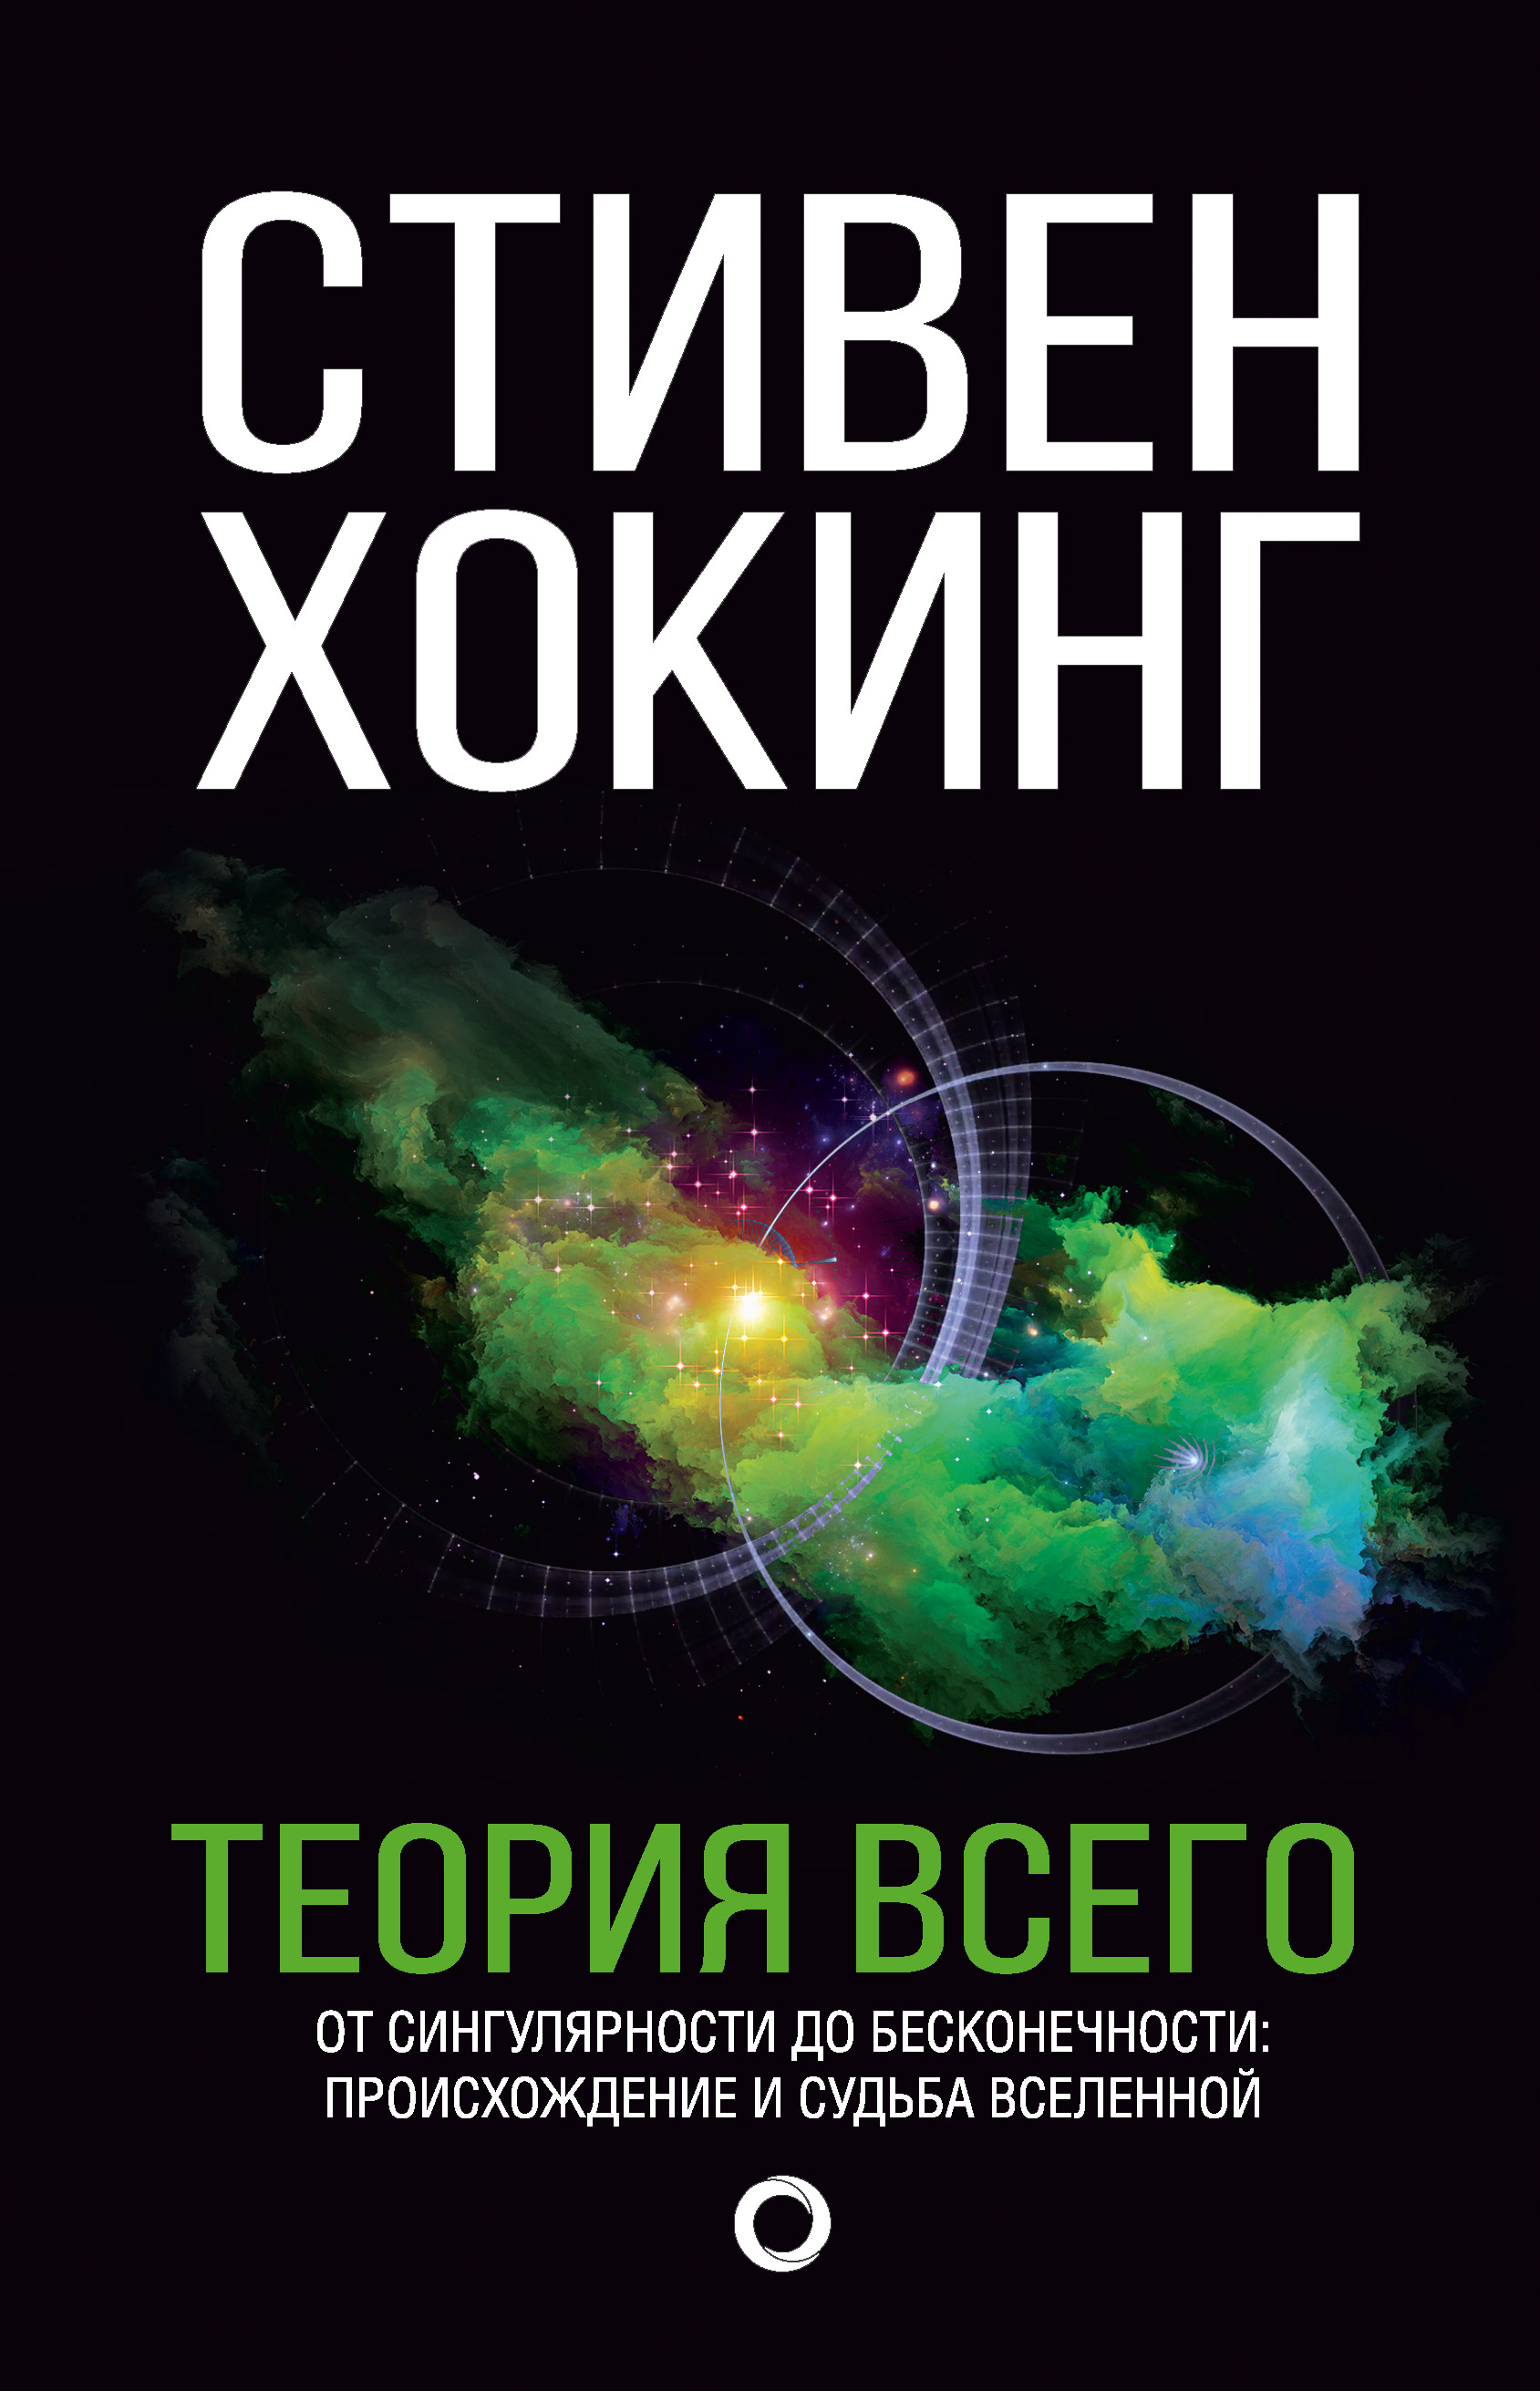 Стивен Хокинг Теория всего. От сингулярности до бесконечности: происхождение и судьба Вселенной парсонс п диксон г ред стивен хокинг за 30 секунд его жизнь теории и вклад в науку в 30 секундных отрывках